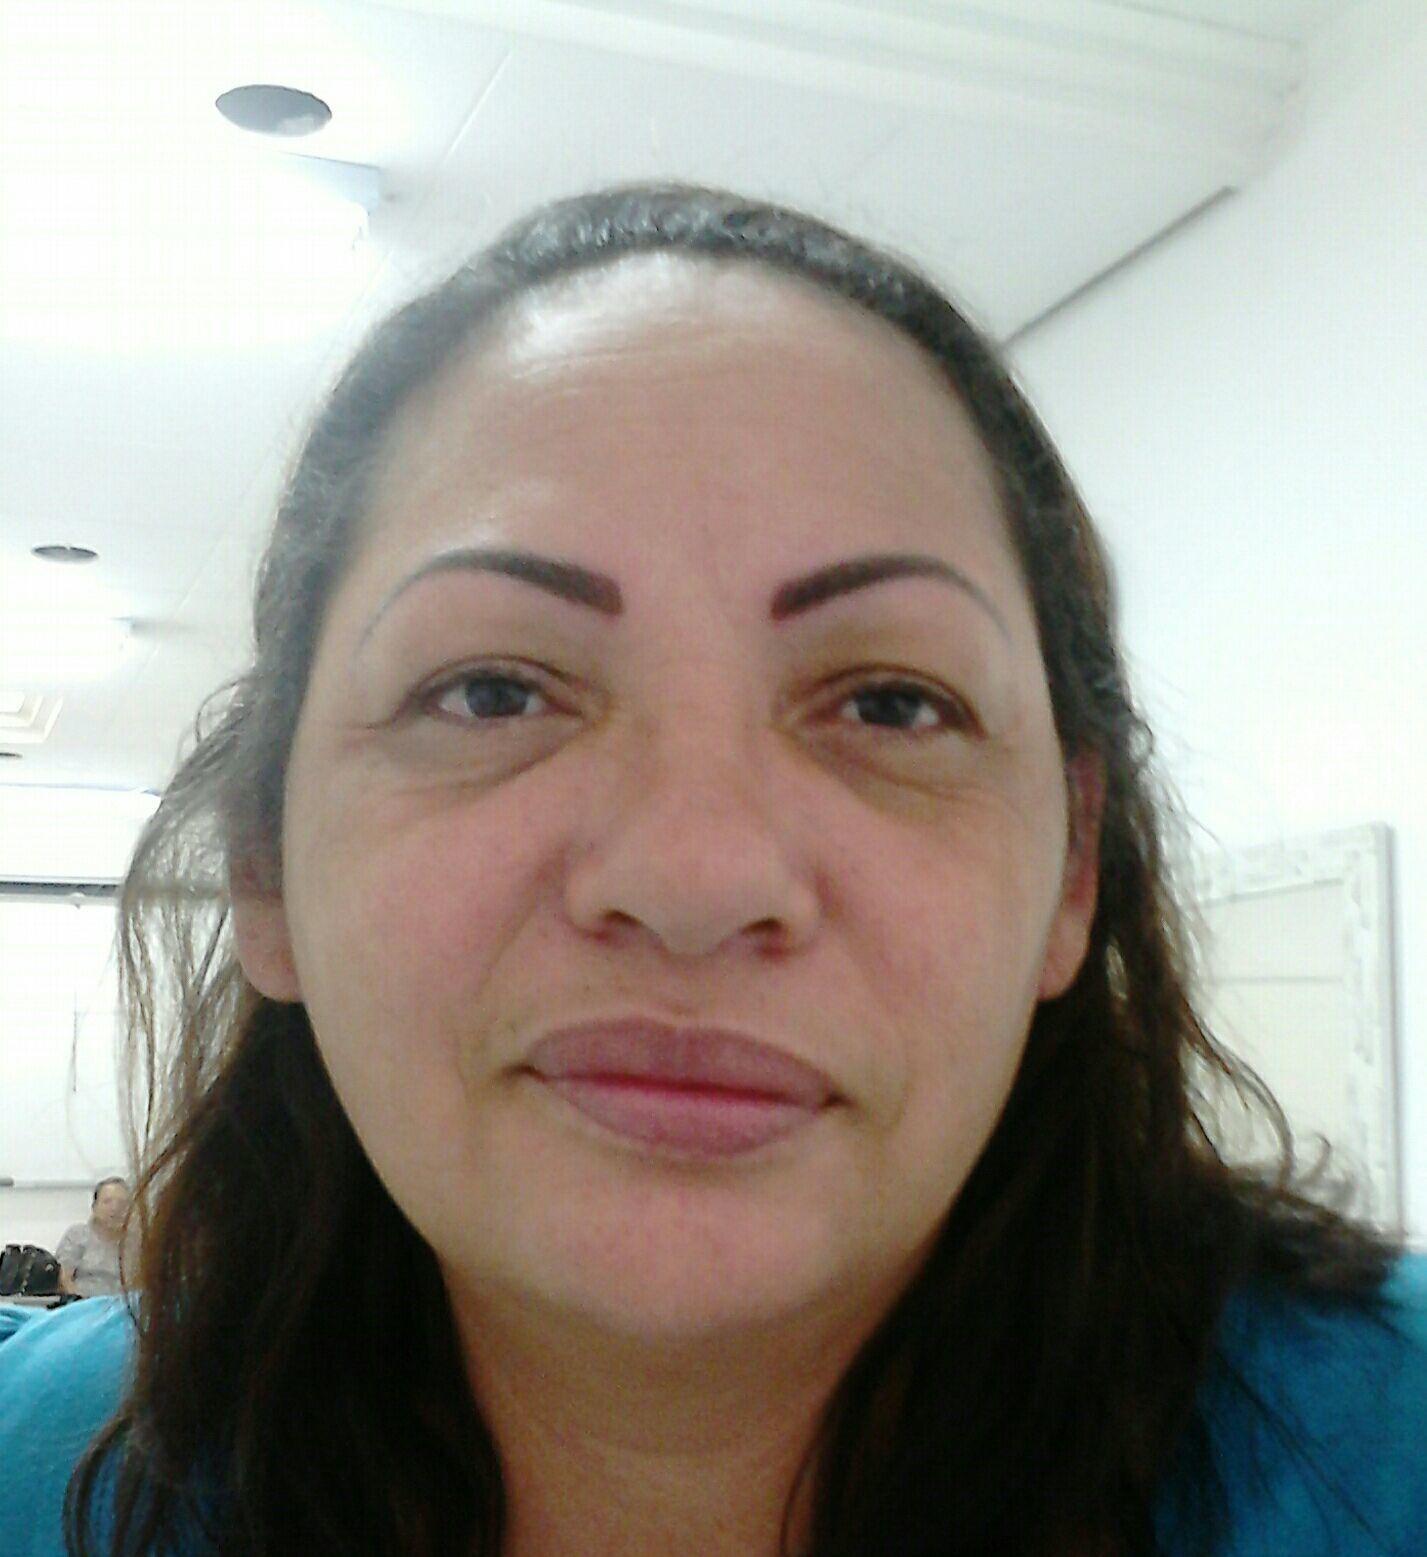 Maquiagem definitiva outros cabeleireiro(a) depilador(a) micropigmentador(a) designer de sobrancelhas esteticista maquiador(a) massagista auxiliar cabeleireiro(a) auxiliar cabeleireiro(a)